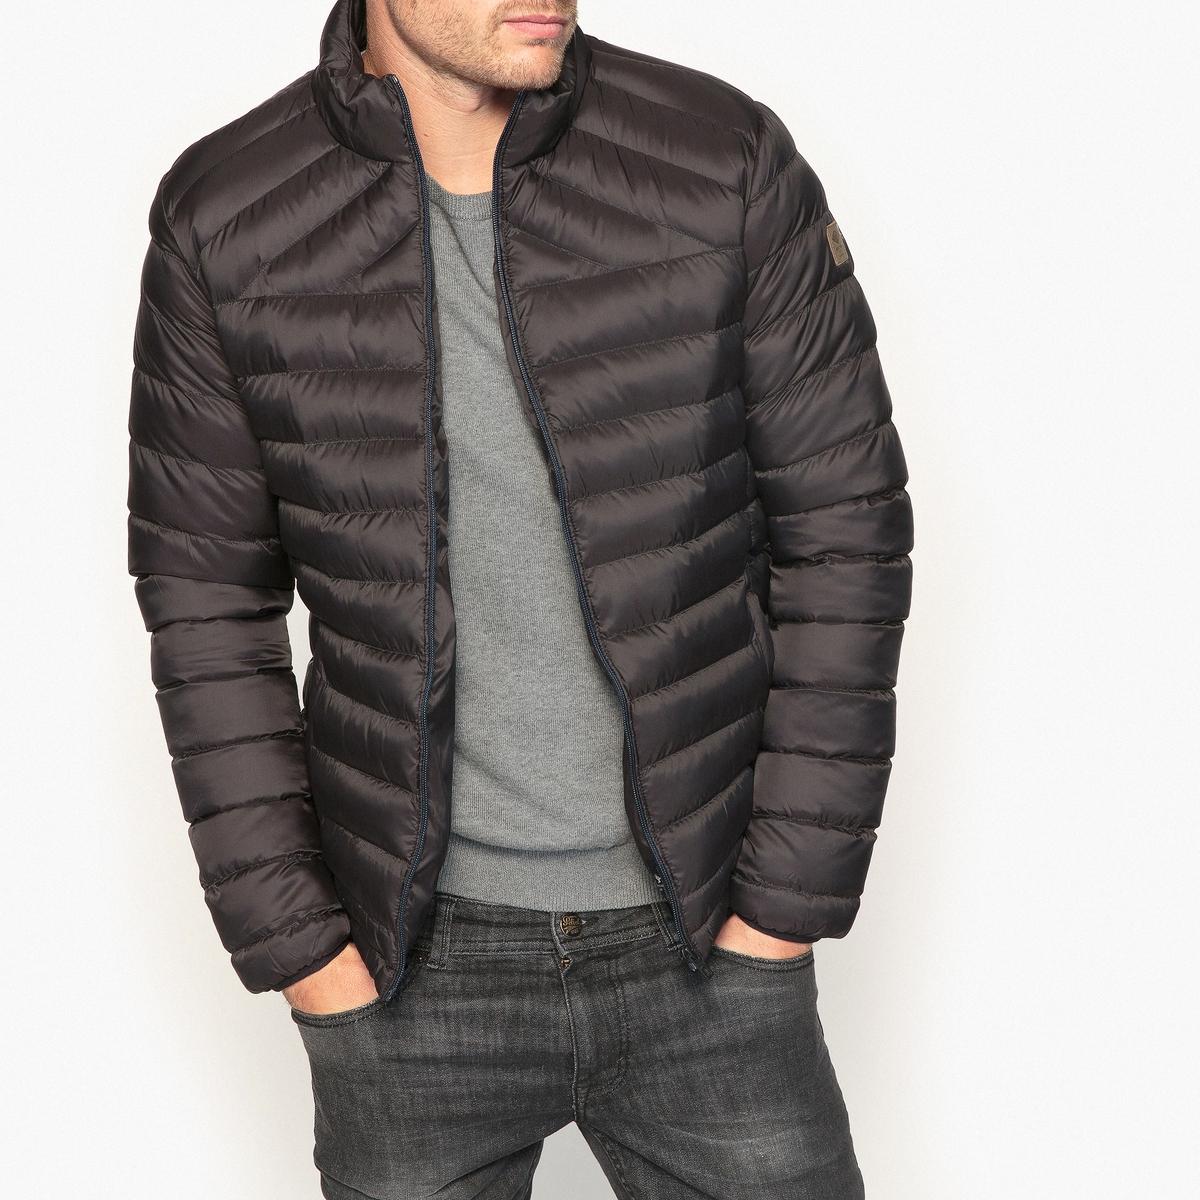 Куртка стеганая короткаяДетали  •  Длина  : укороченная  •  Без воротника  •  Застежка на молнию Состав и уход  •  100% полиамид  •  Следуйте советам по уходу, указанным на этикетке<br><br>Цвет: черный<br>Размер: XXL.XL.L